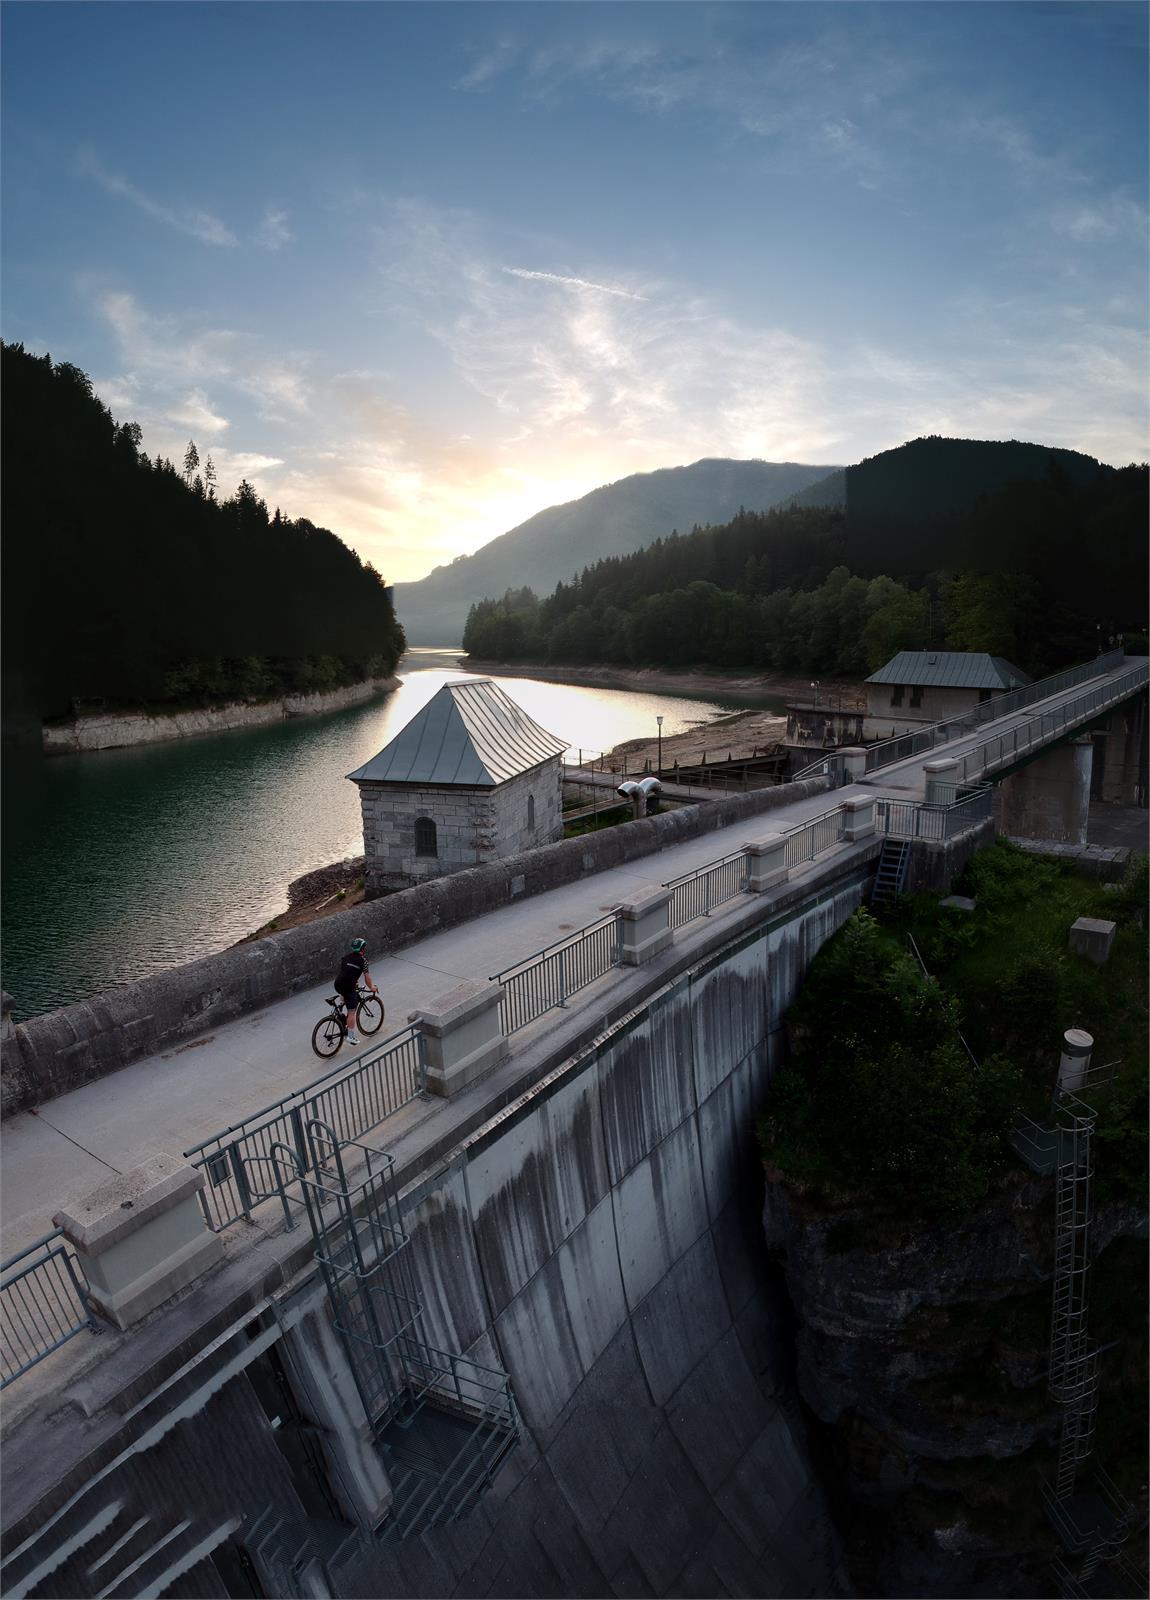 Staumauer Wiestalstausee in Puch bei Salzburg | ©TVB Puch - Thomas Lindner